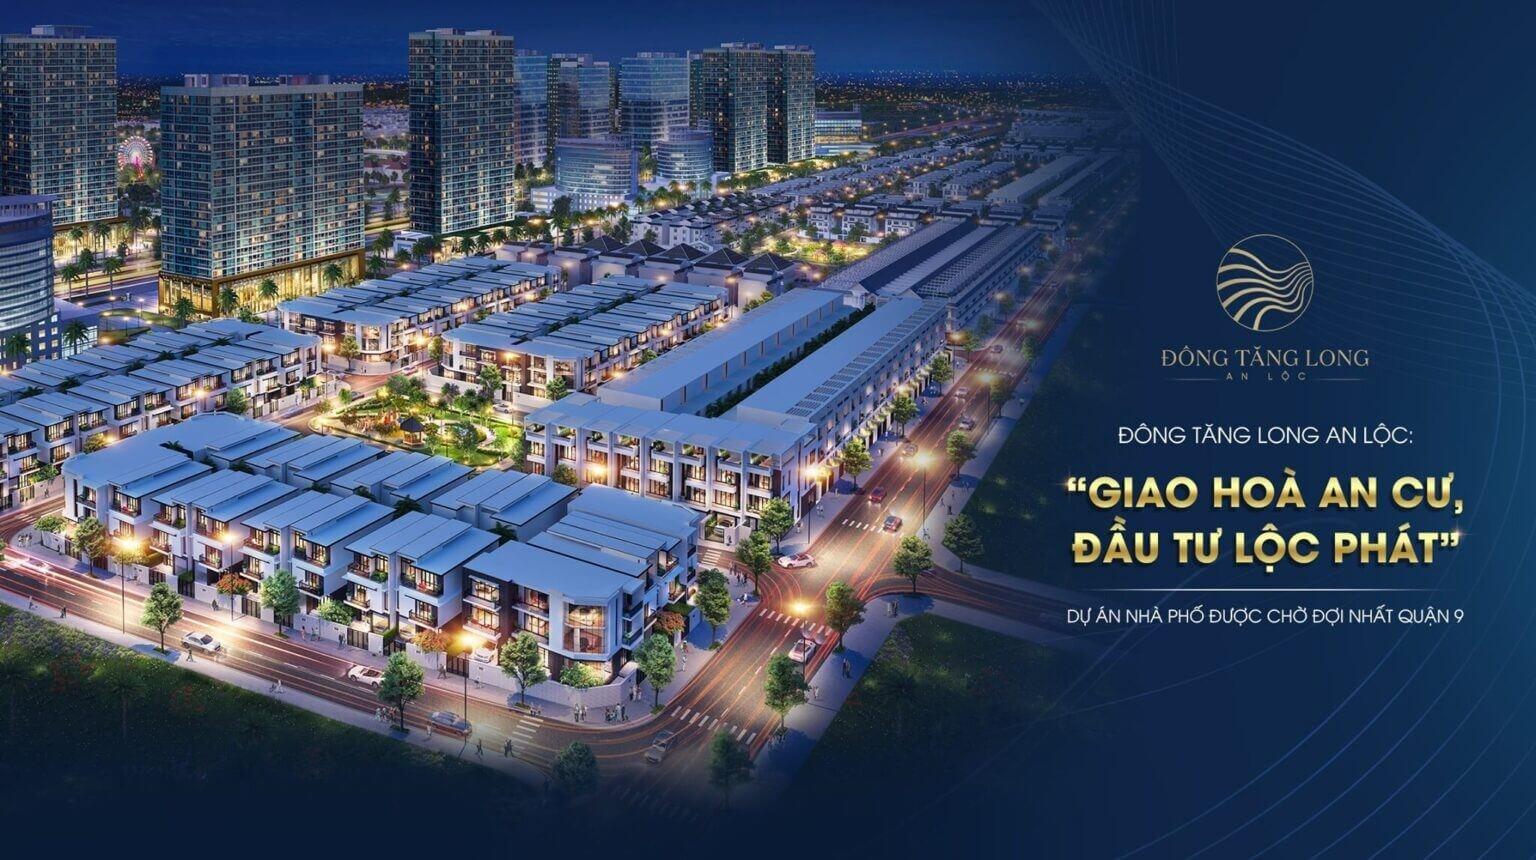 dự án Đông Tăng Long